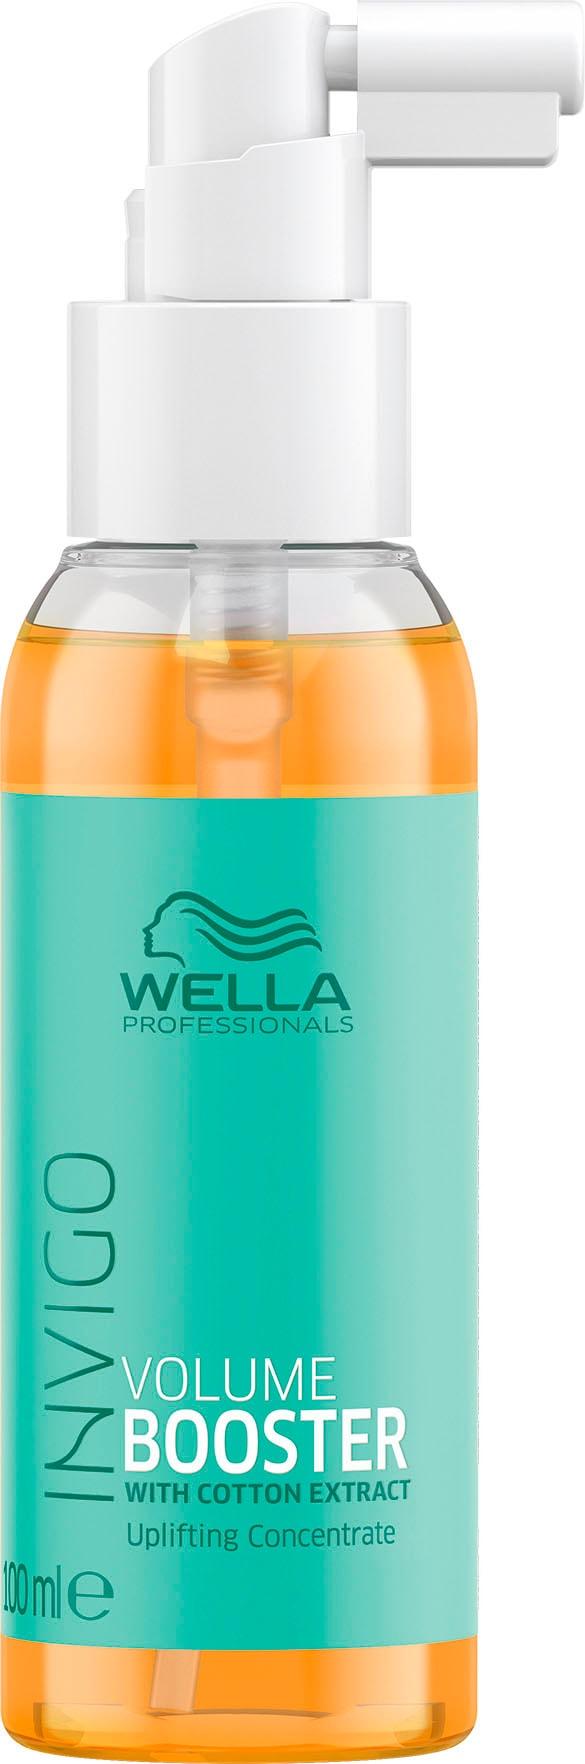 wella professionals -  Haarserum Invigo Volume Booster Uplifting Concentrate, volumenverstärkend